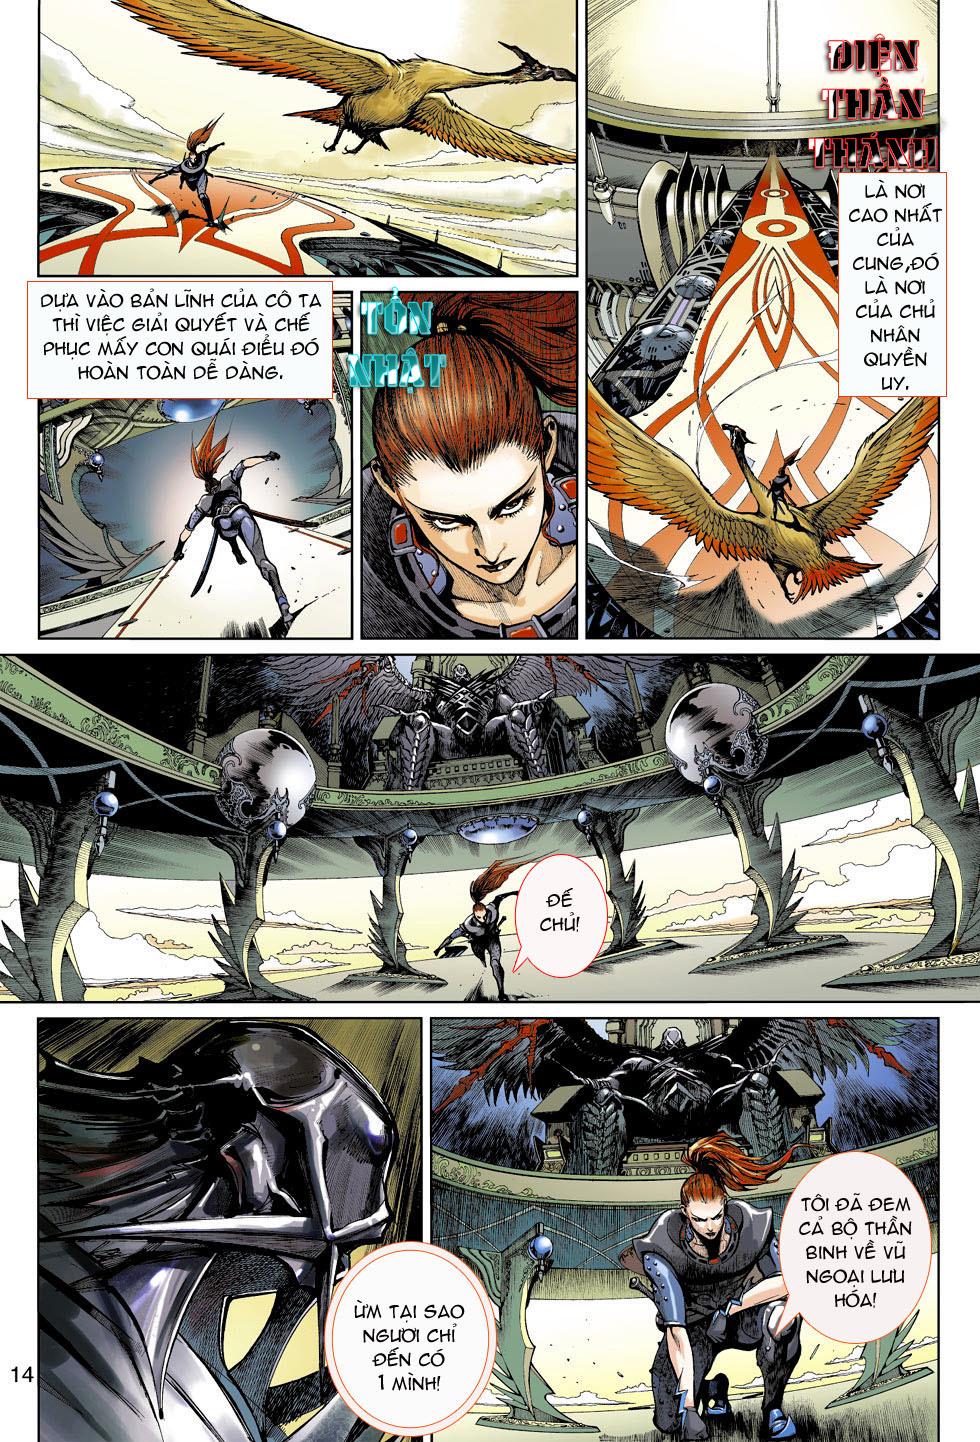 Thần Binh 4 chap 4 - Trang 14